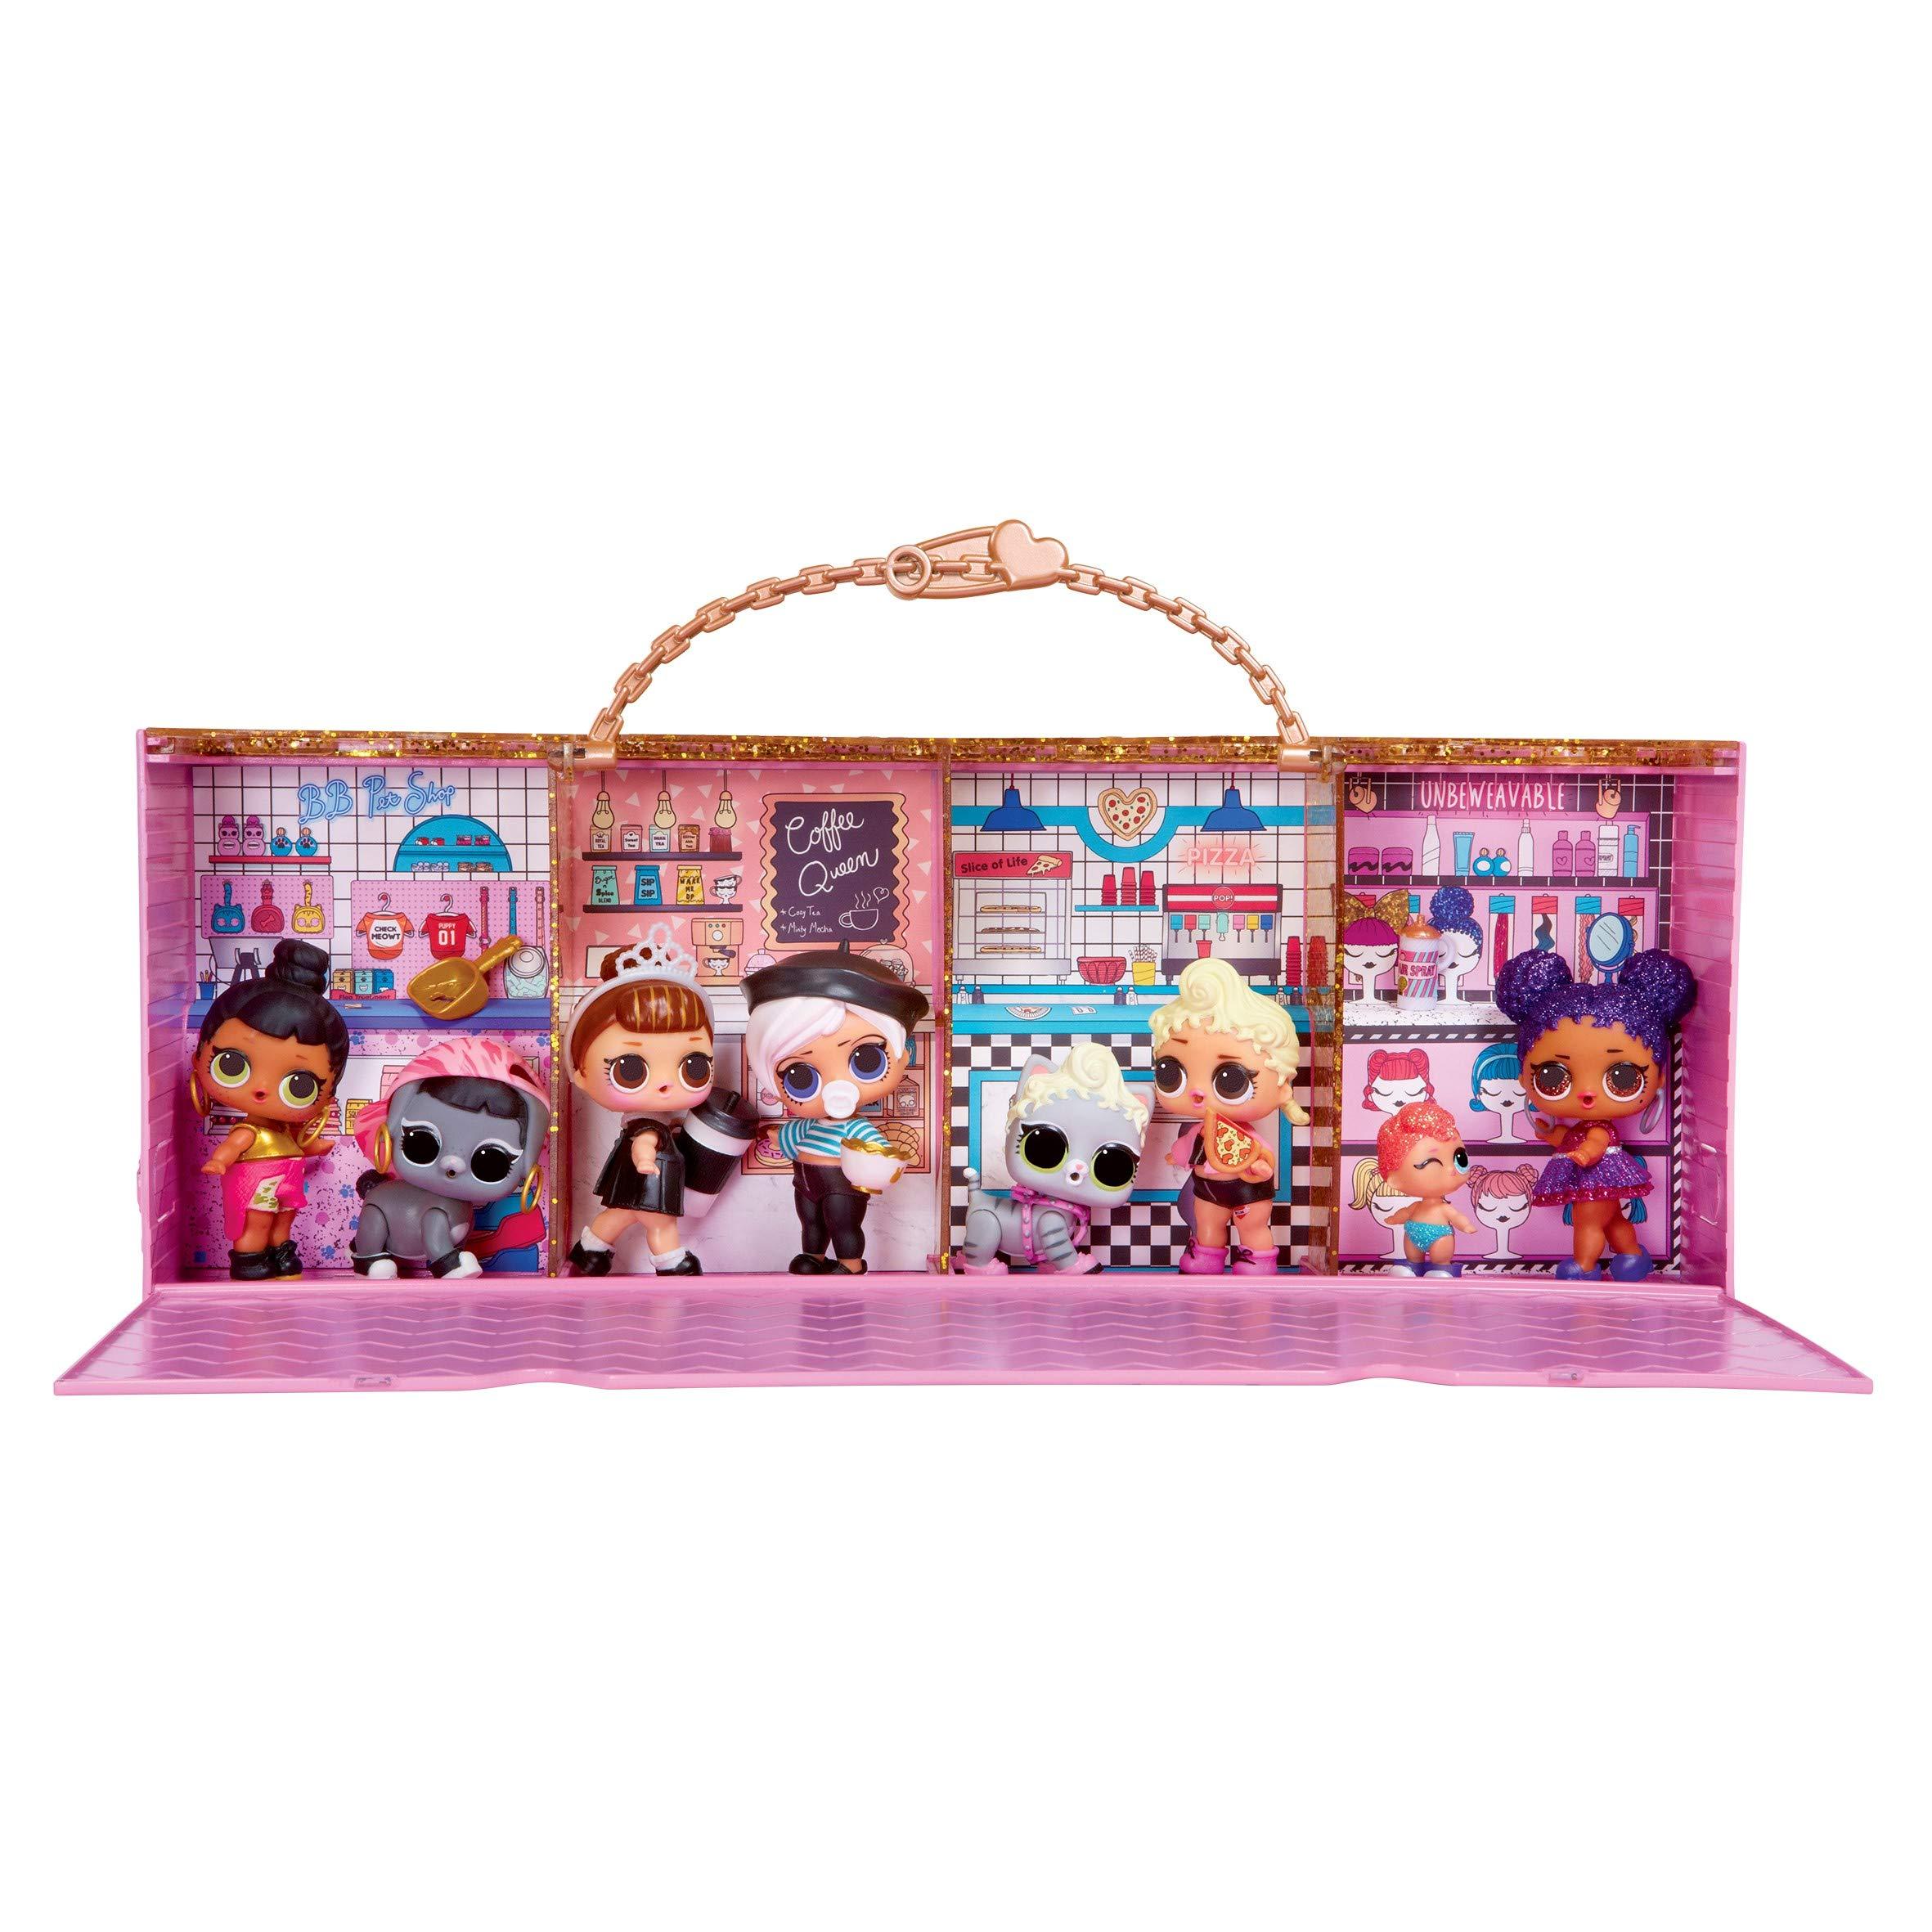 L.O.L Décor et Estrade 3-en-1 pour Mini Poupée MGA Entertainment 552314 Surprise! – Pop-Up Store – Valise